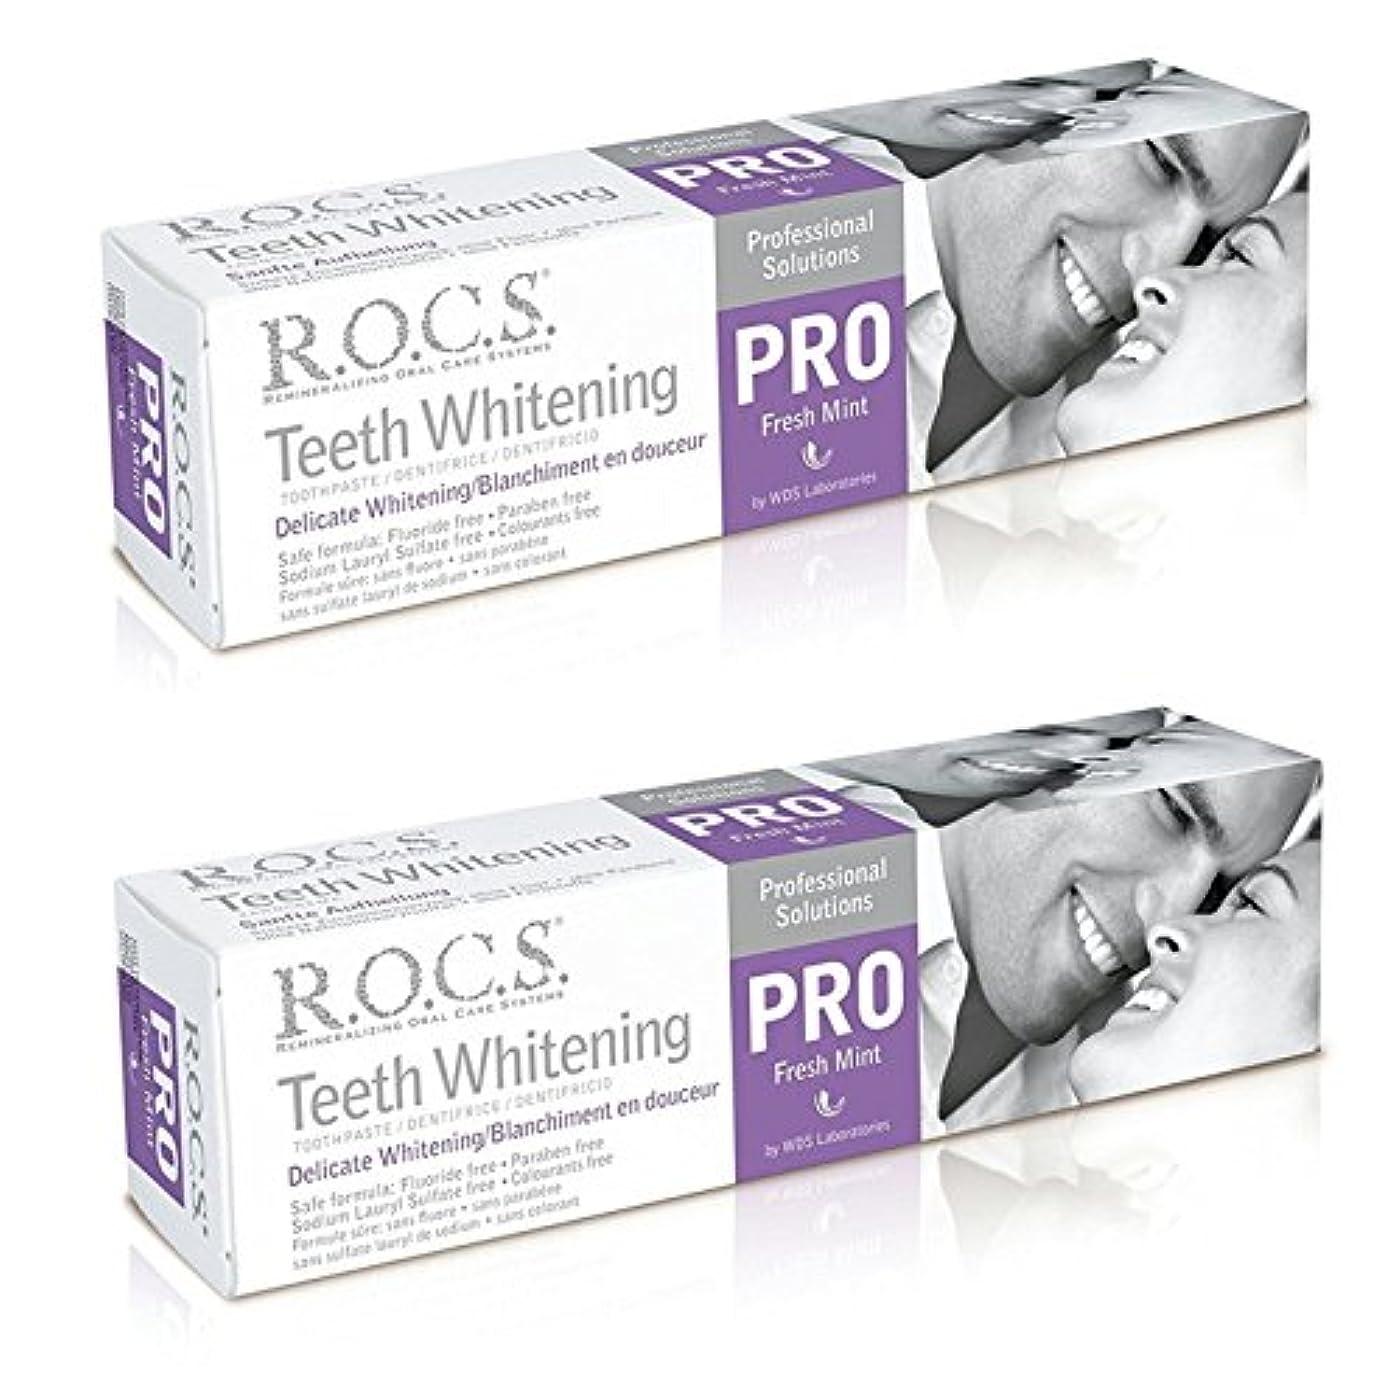 リスキーなどこでも余裕があるR.O.C.S.(ロックス) プロ デリケート ホワイトニング フレッシュミント (2箱セット)